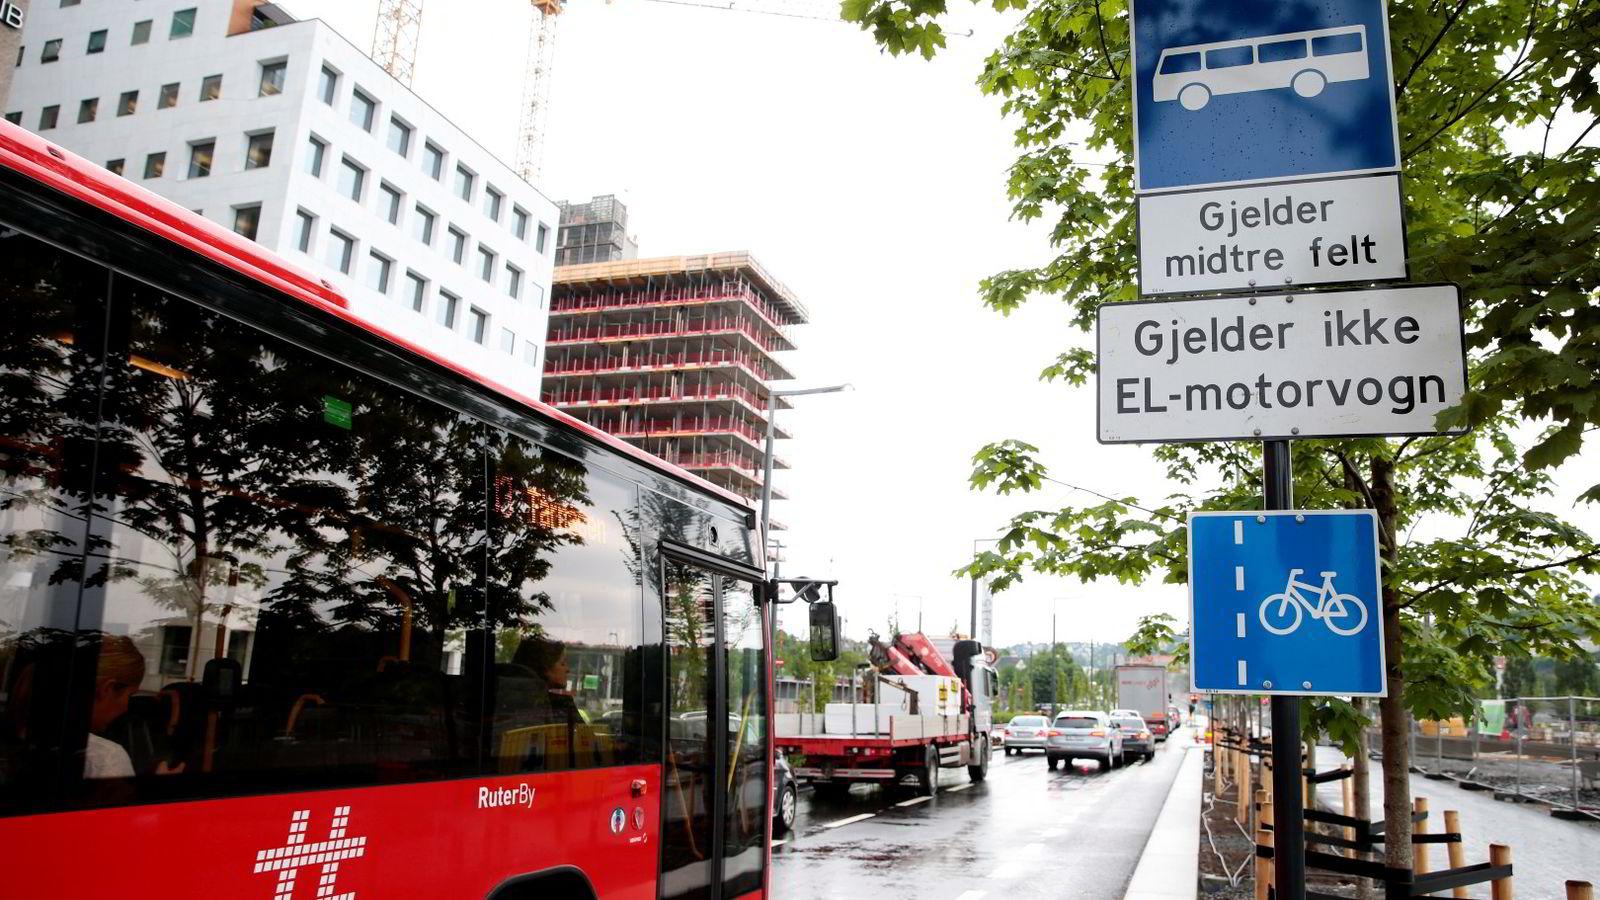 TRAFIKK: Kollektivfeltet i Dronning Eufemias gate i Oslo blir et av de første kollektivfeltene i Norge der det ikke er tillat å kjøre med EL-bil. Foto: Håkon Mosvold Larsen /